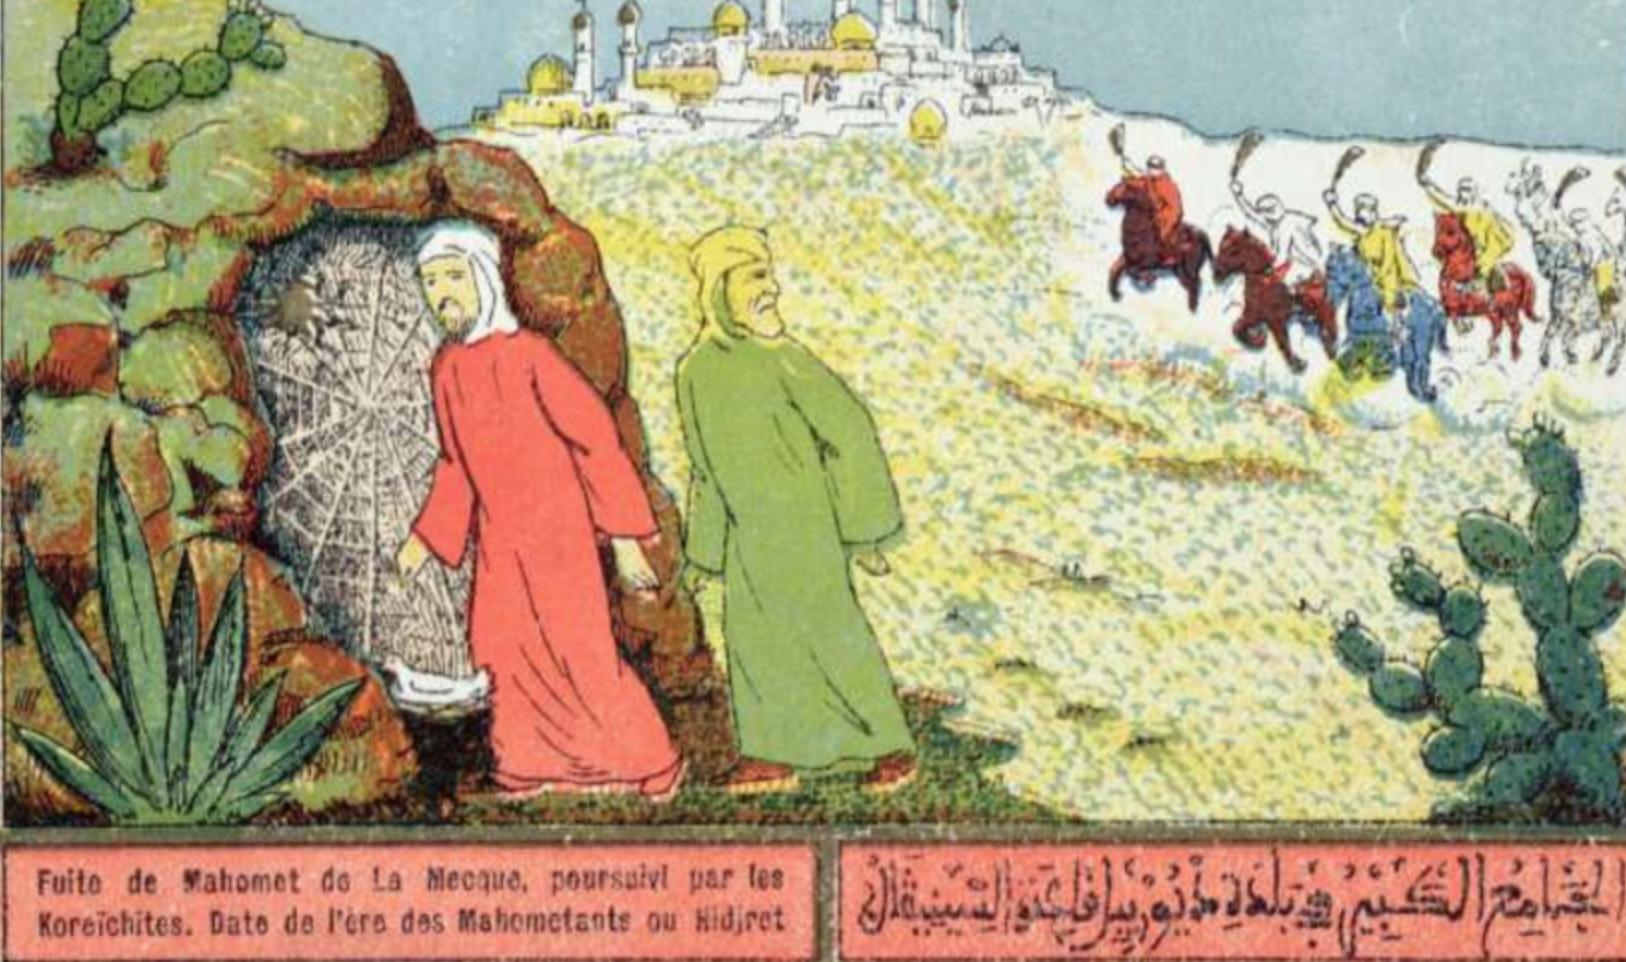 Mahomet fuyait, la queue entre les jambes, des chiens l'ont dénoncé… vous connaissez la suite